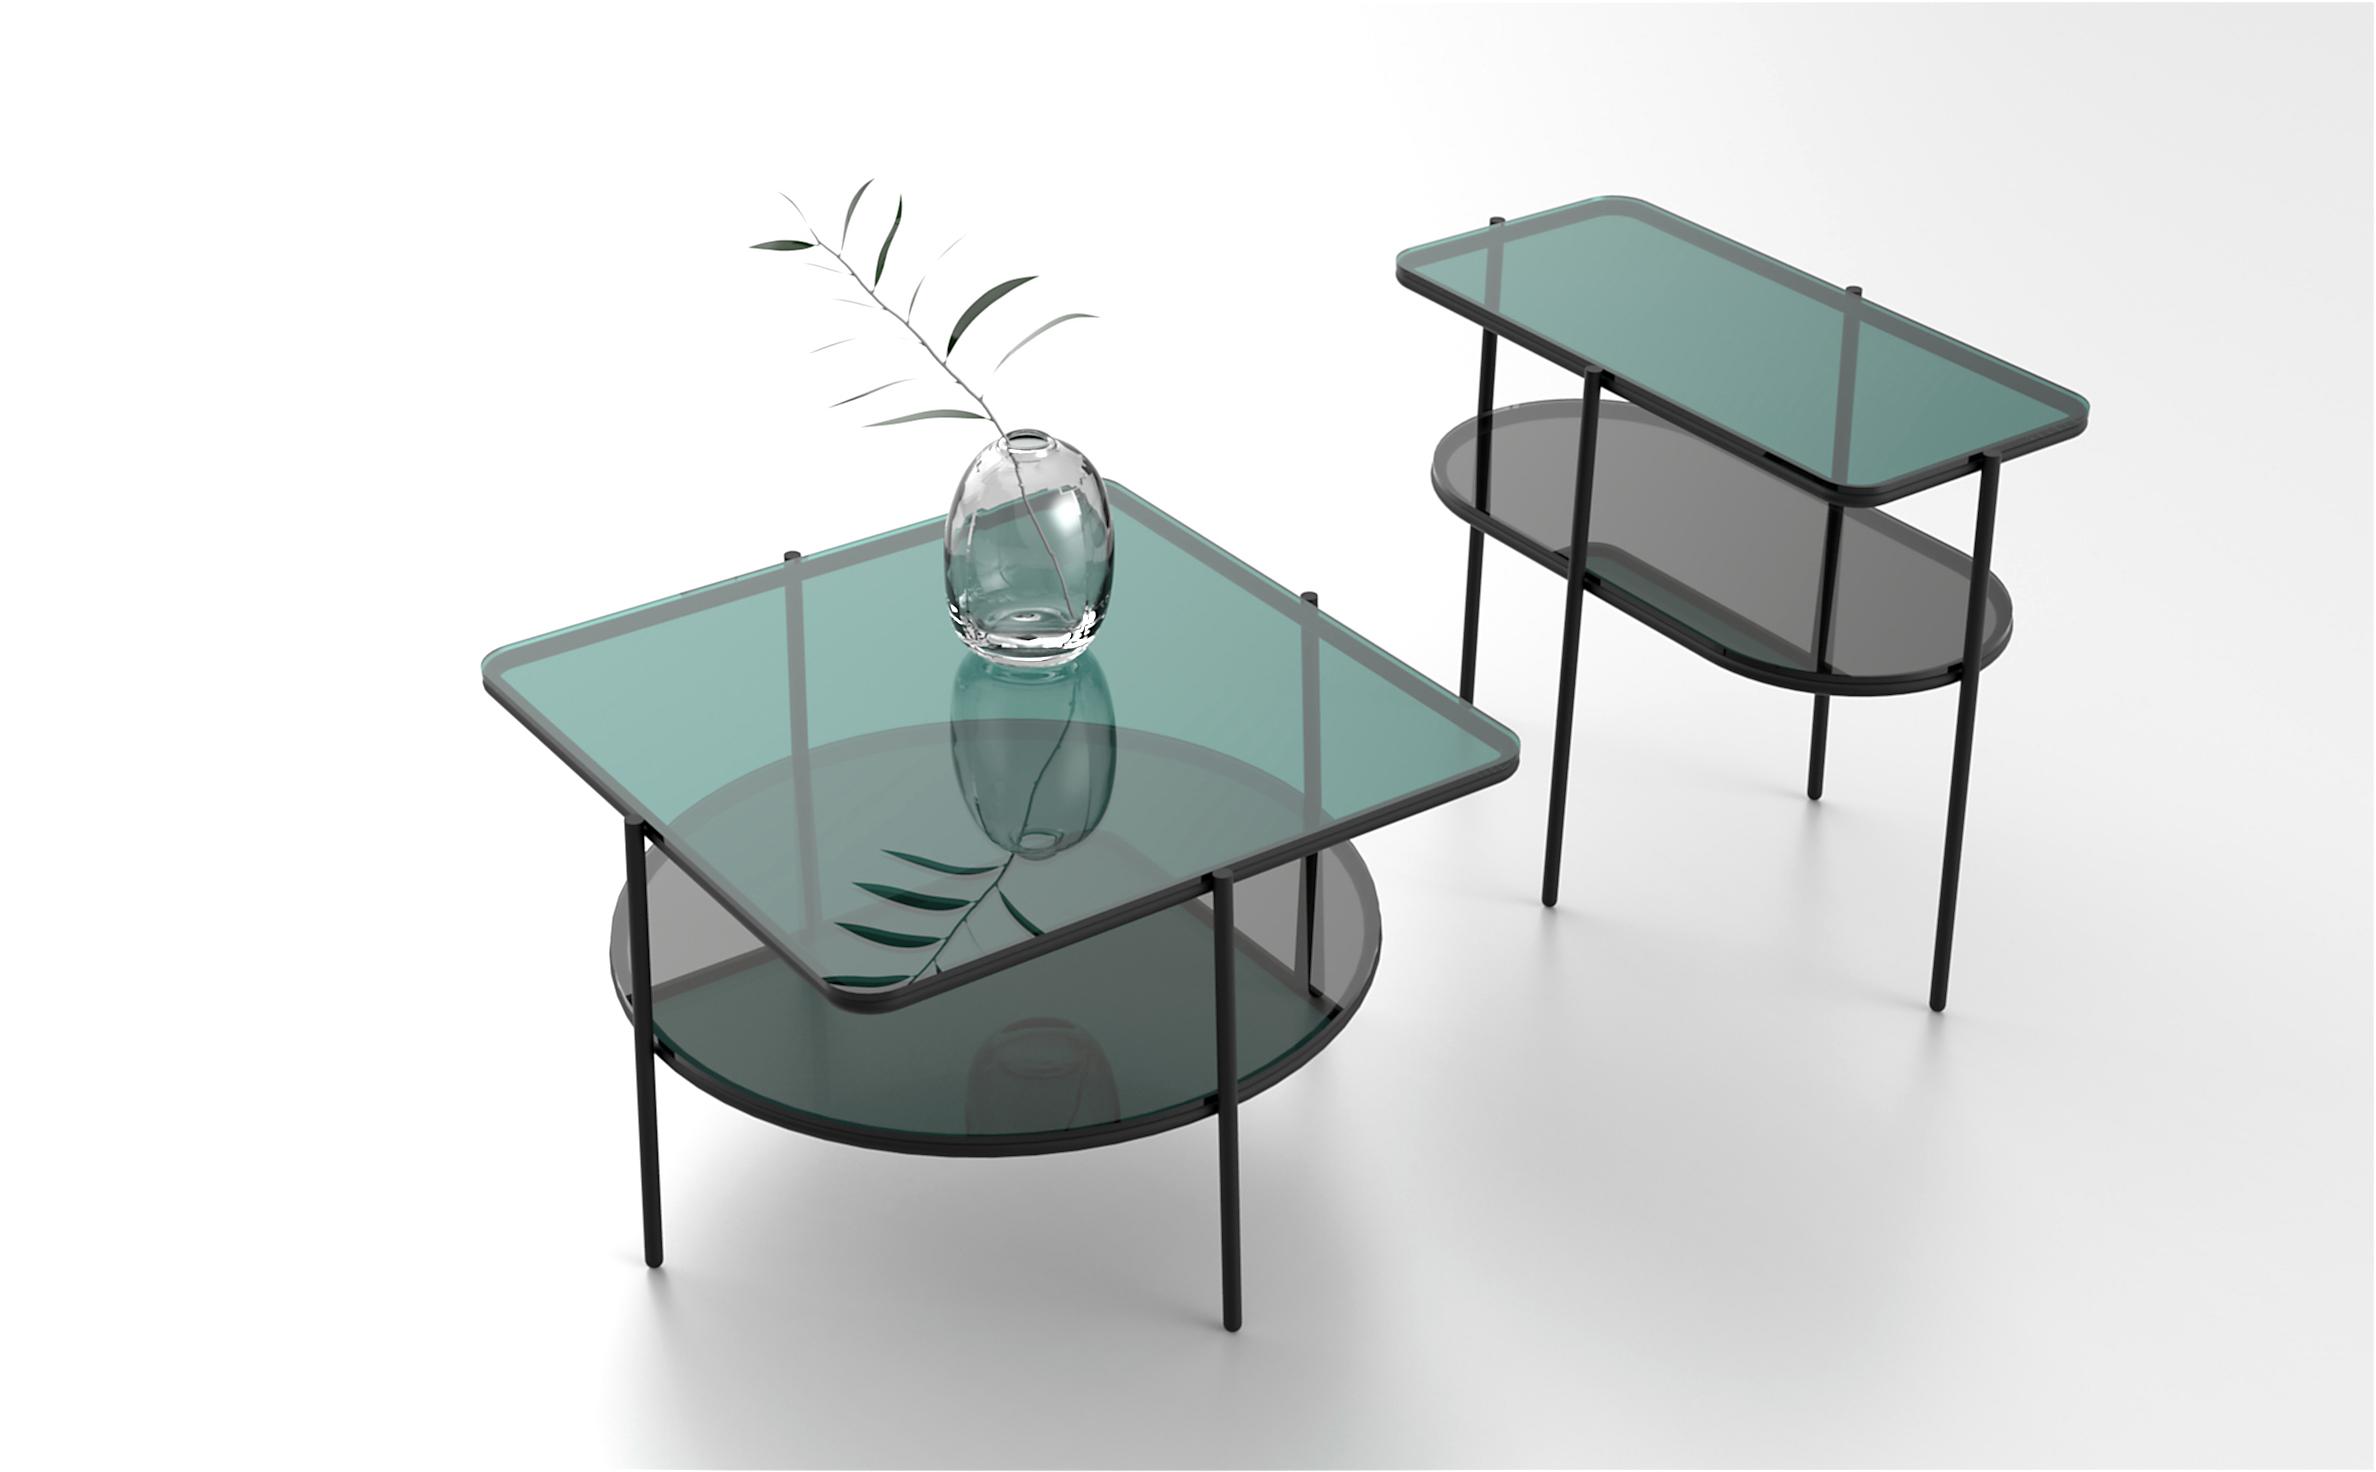 Tavolino Element Calligaris Prezzo.Puro By Calligaris Archello